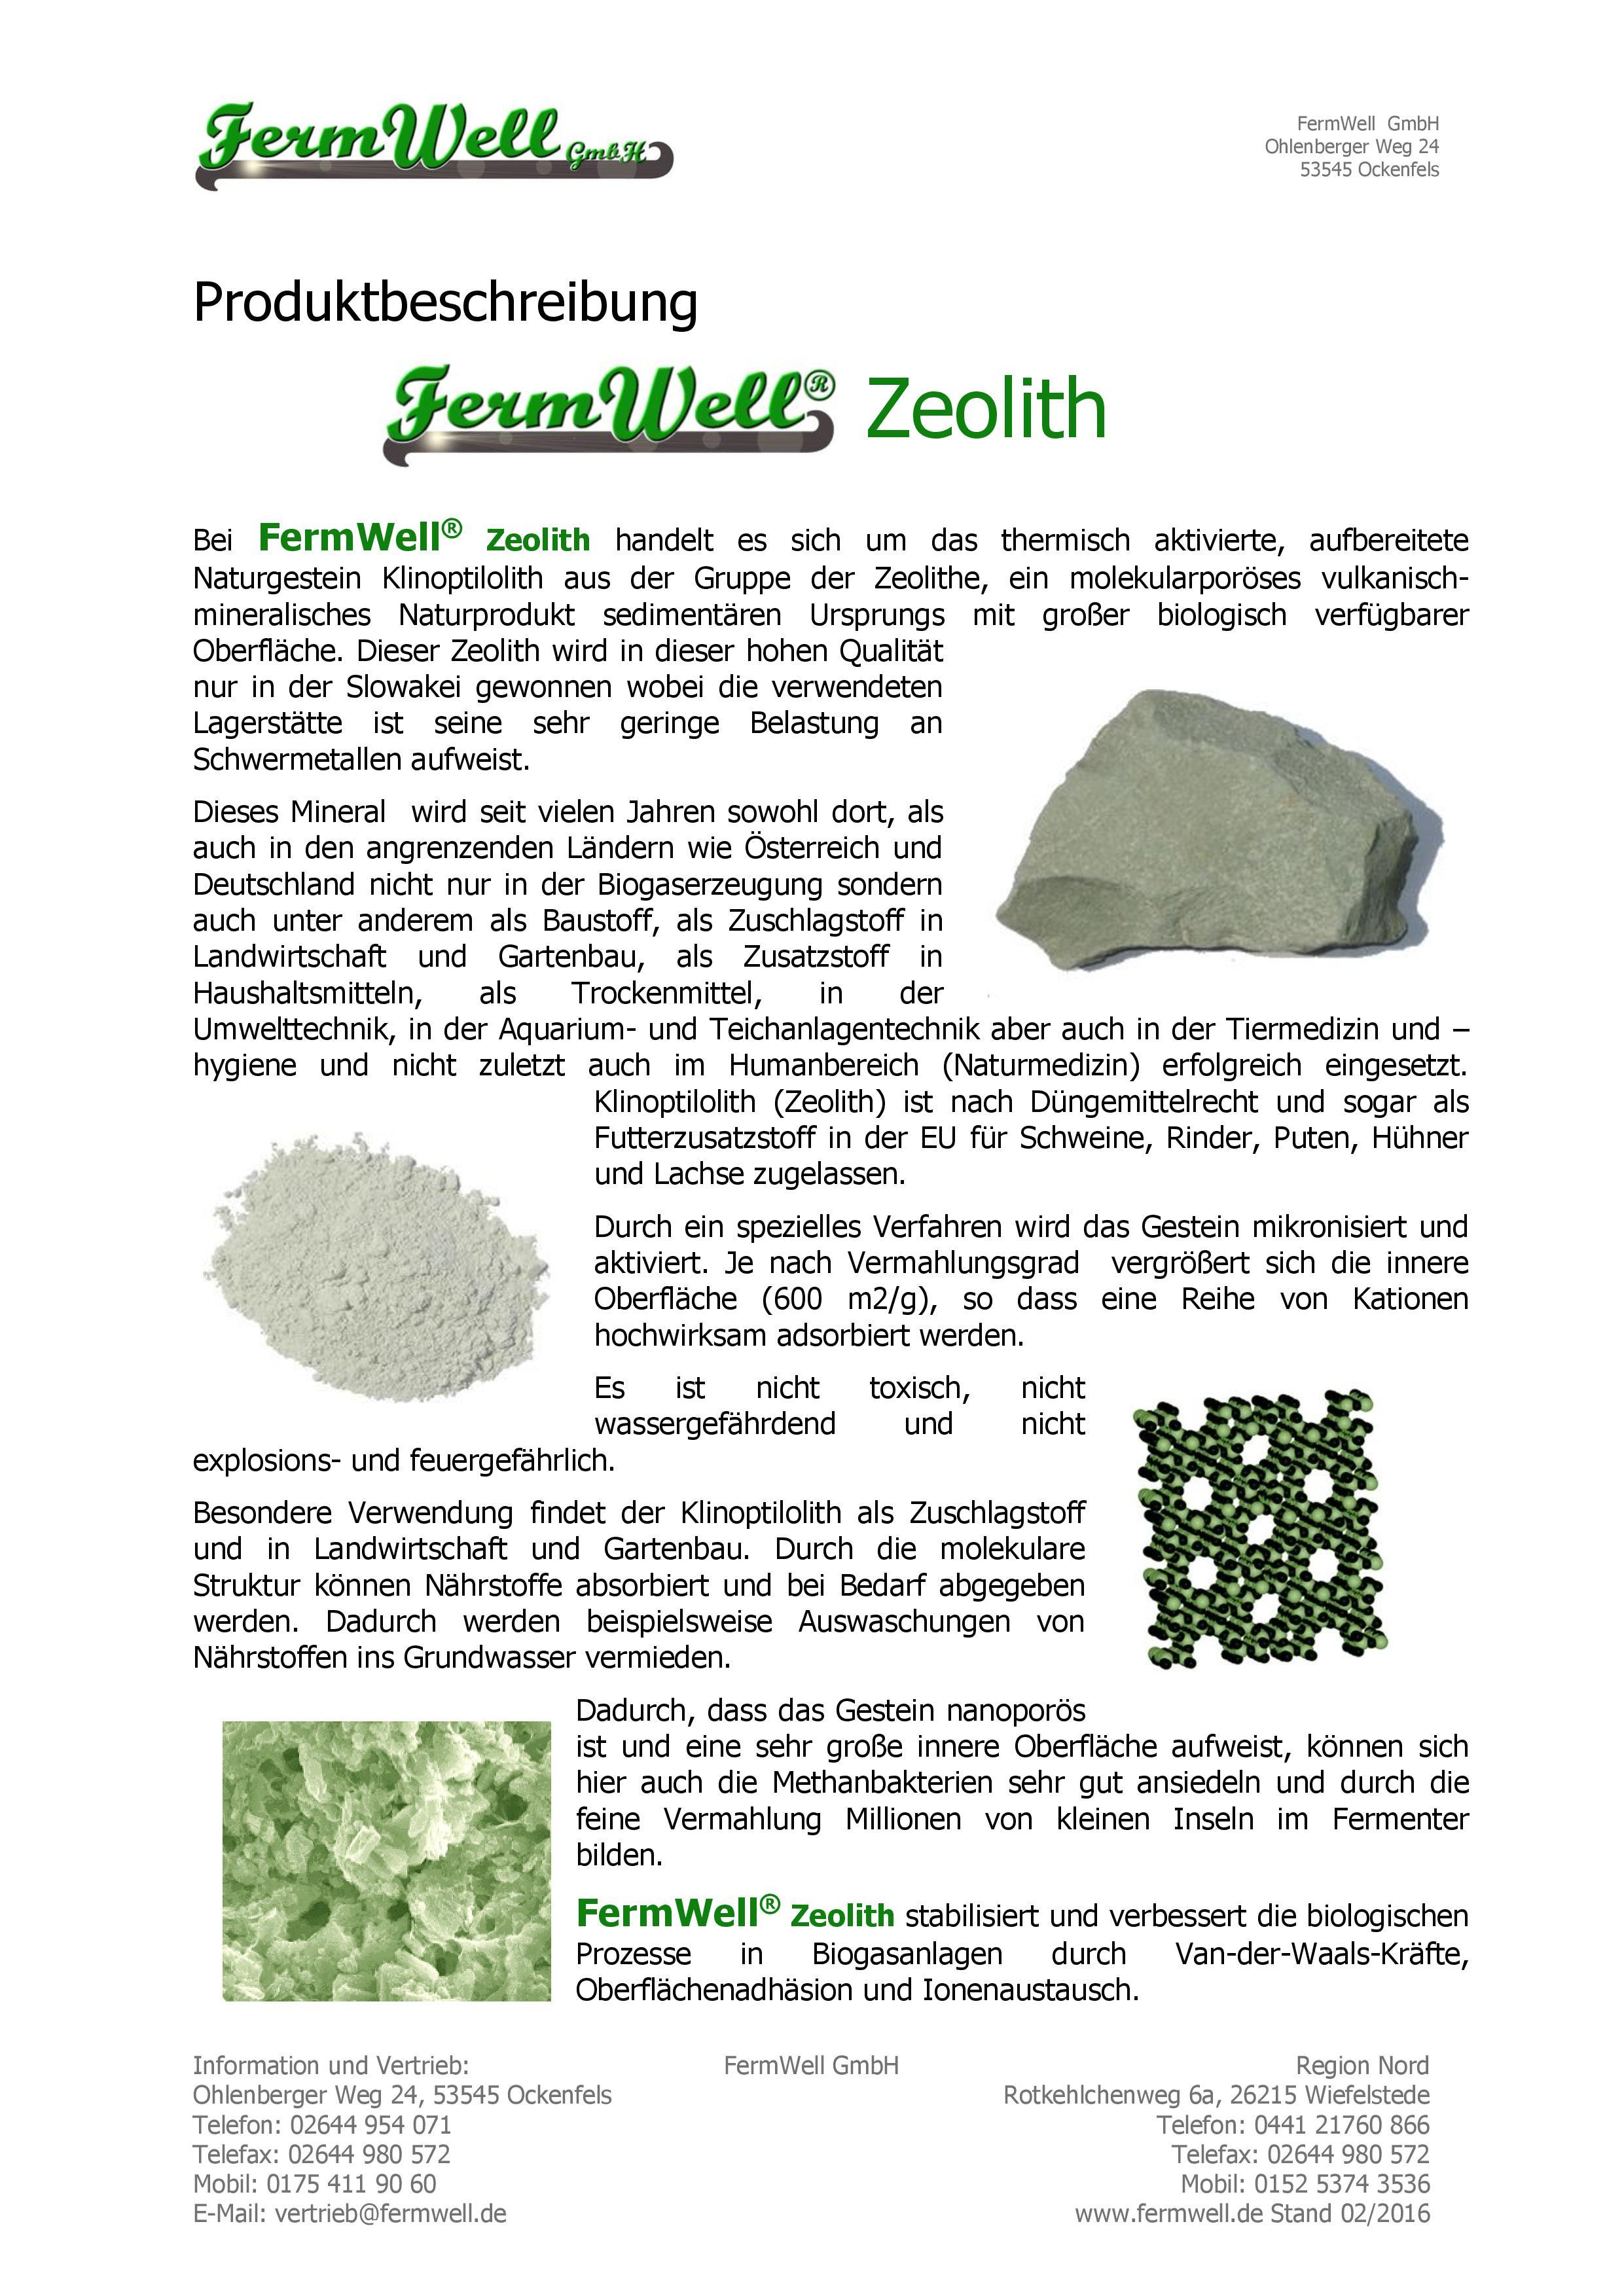 FermWell_Zeolith_Produktbeschreib_1508-p